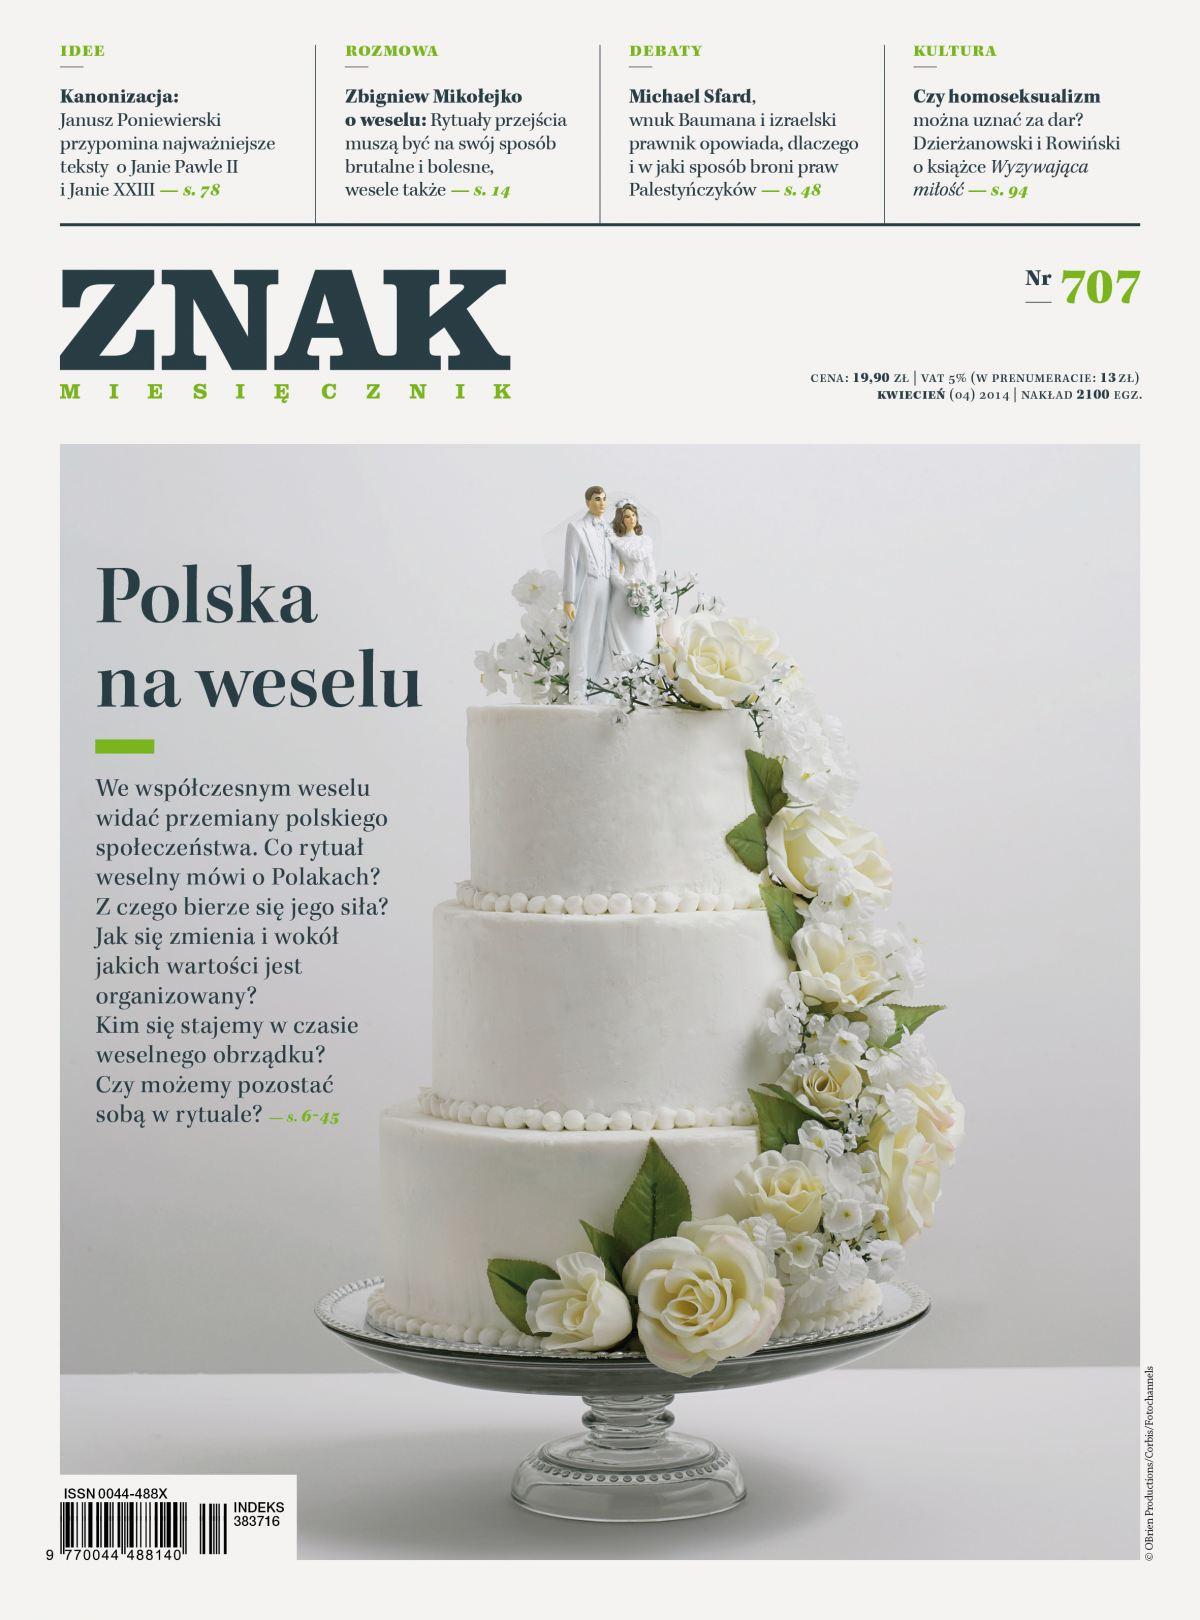 Miesięcznik Znak. Kwiecień 2014 - Ebook (Książka EPUB) do pobrania w formacie EPUB